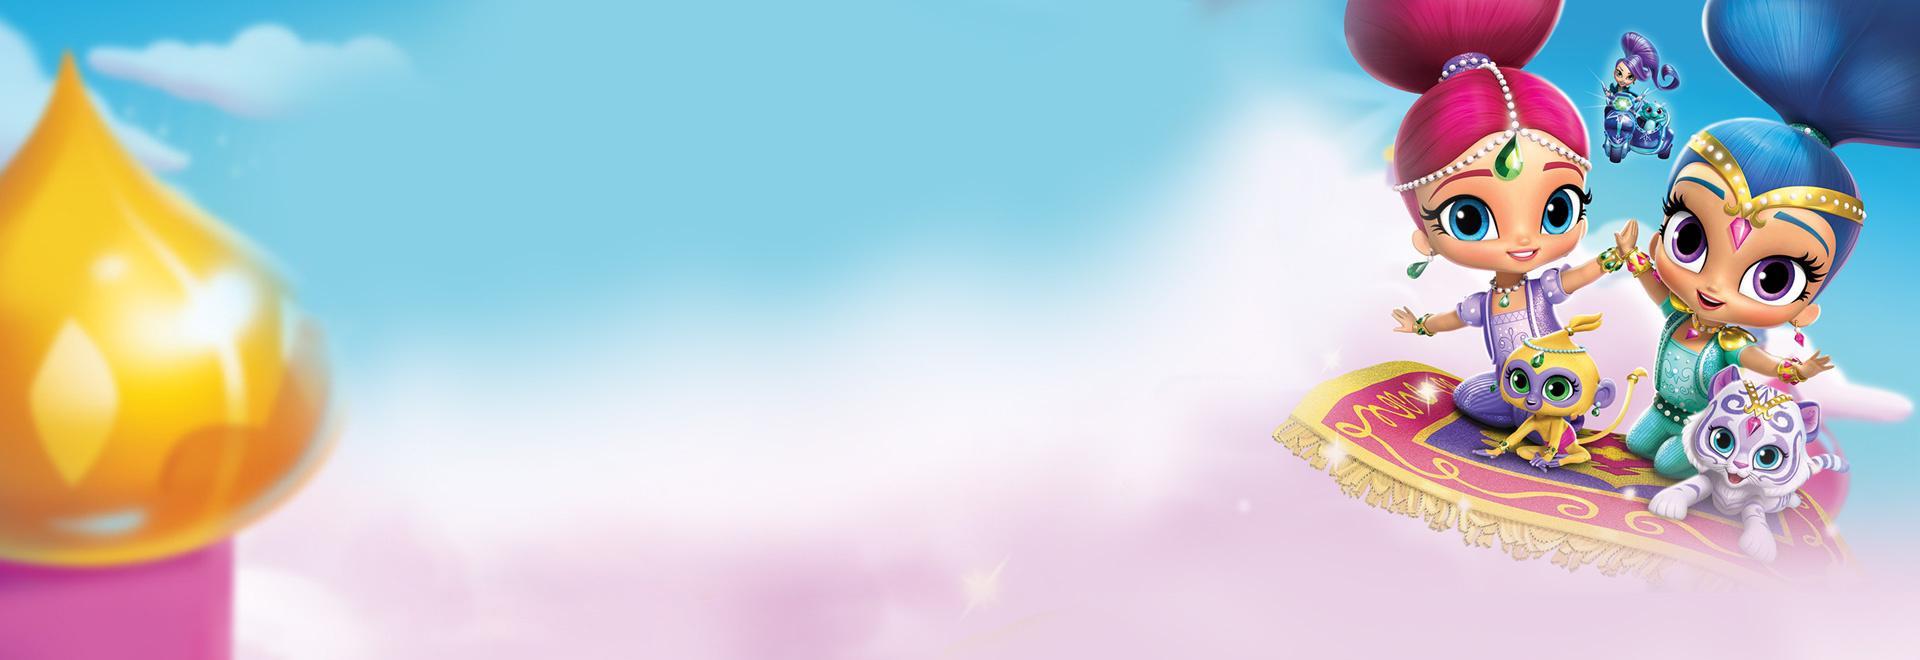 La perla arcobaleno / Il cristallo dei desideri